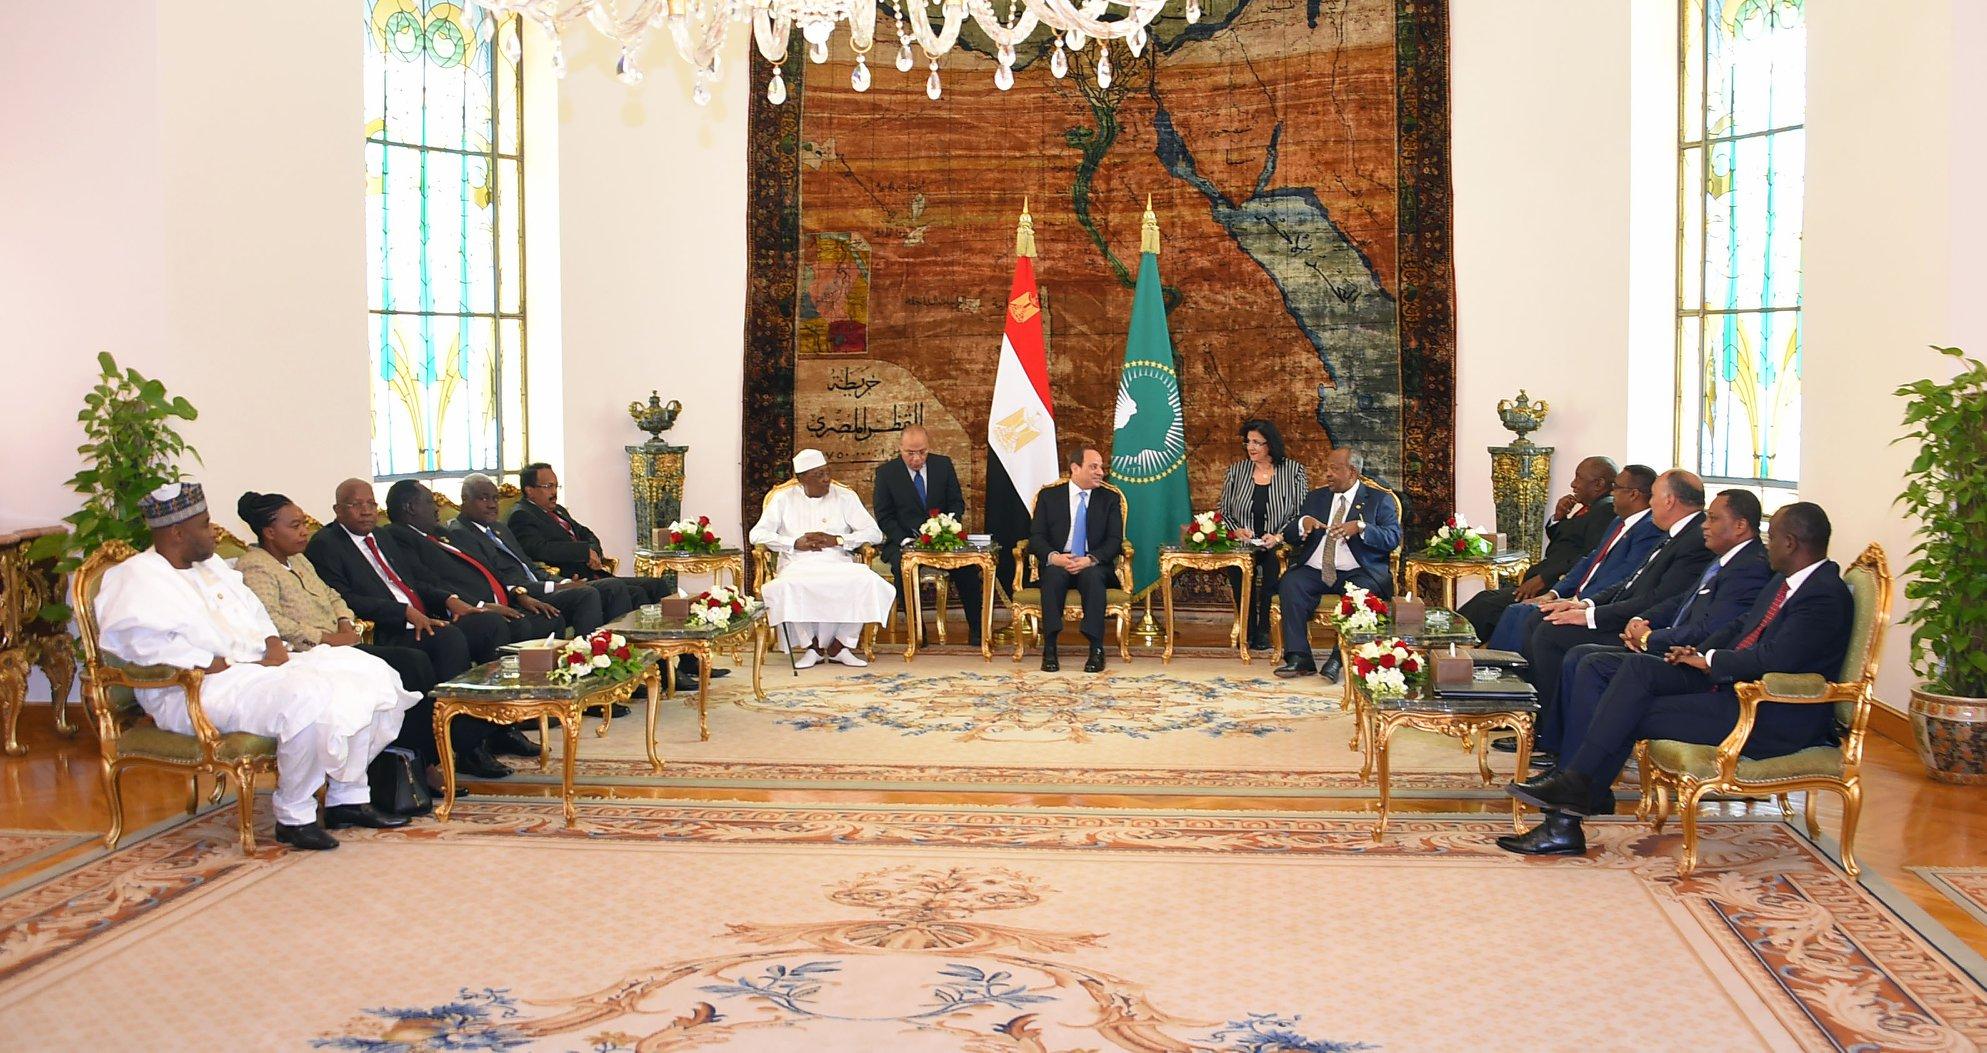 اجتماع القمة التشاورية للشركاء الإقليميين للسودان توافق على تمديد مهلة انتقال السلطة حتى 3 أشهر (صفحة متحدث الرئاسة المصرية على فيسبوك)